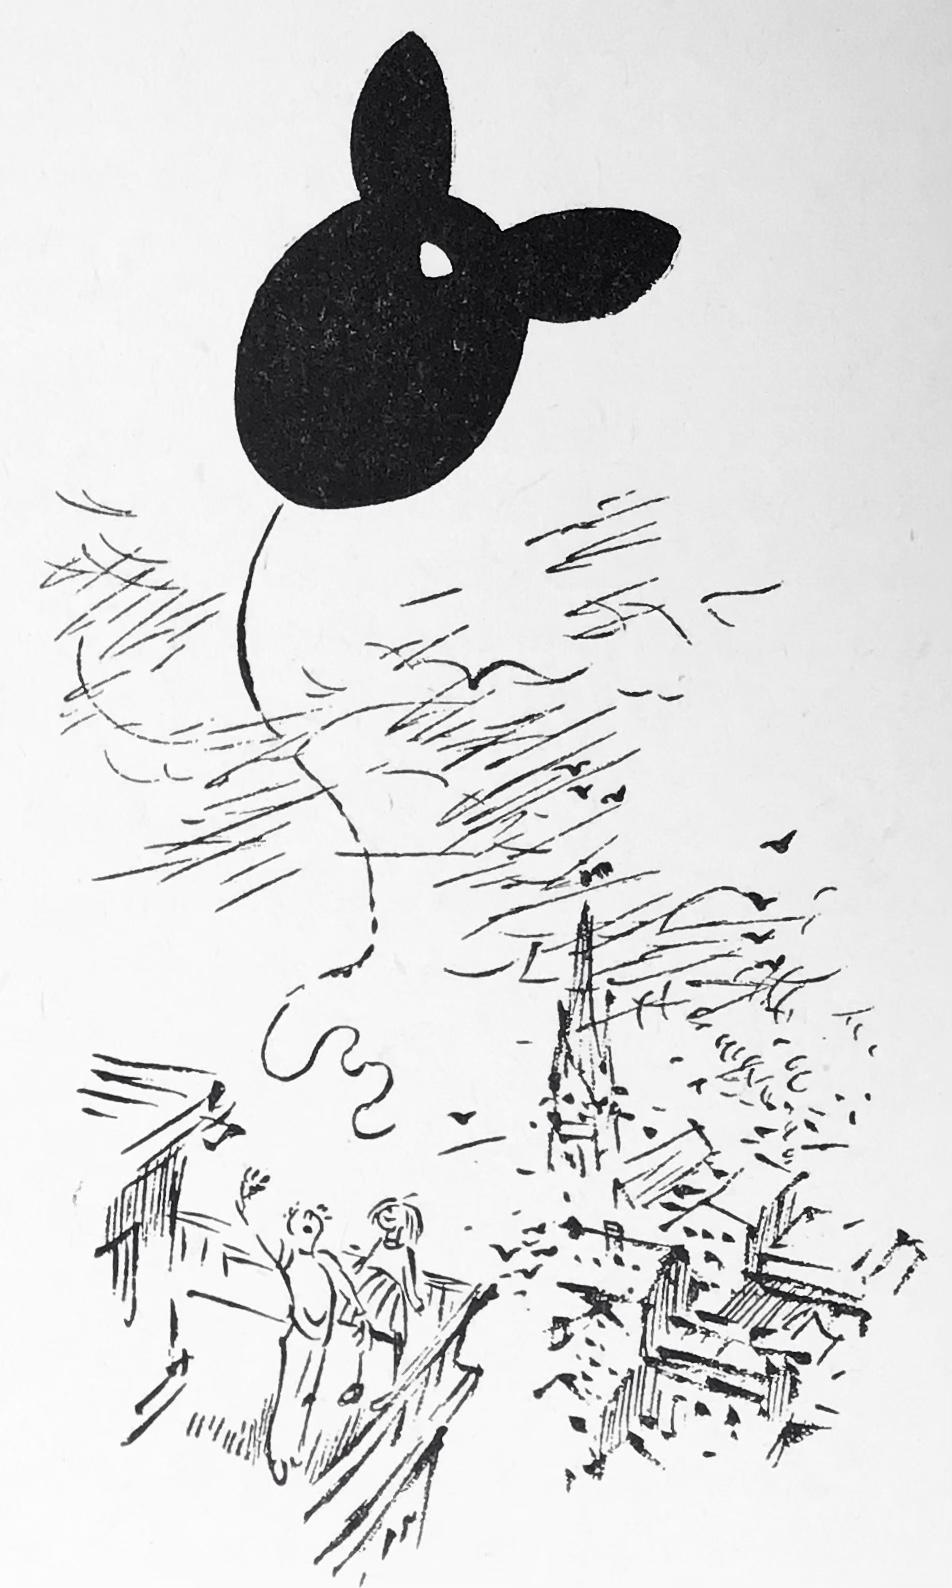 —Jodå, sa Liv. Och det ska den få också! Flyg, flyg! Så högt du vill! sa hon och släppte ballongsnöret.